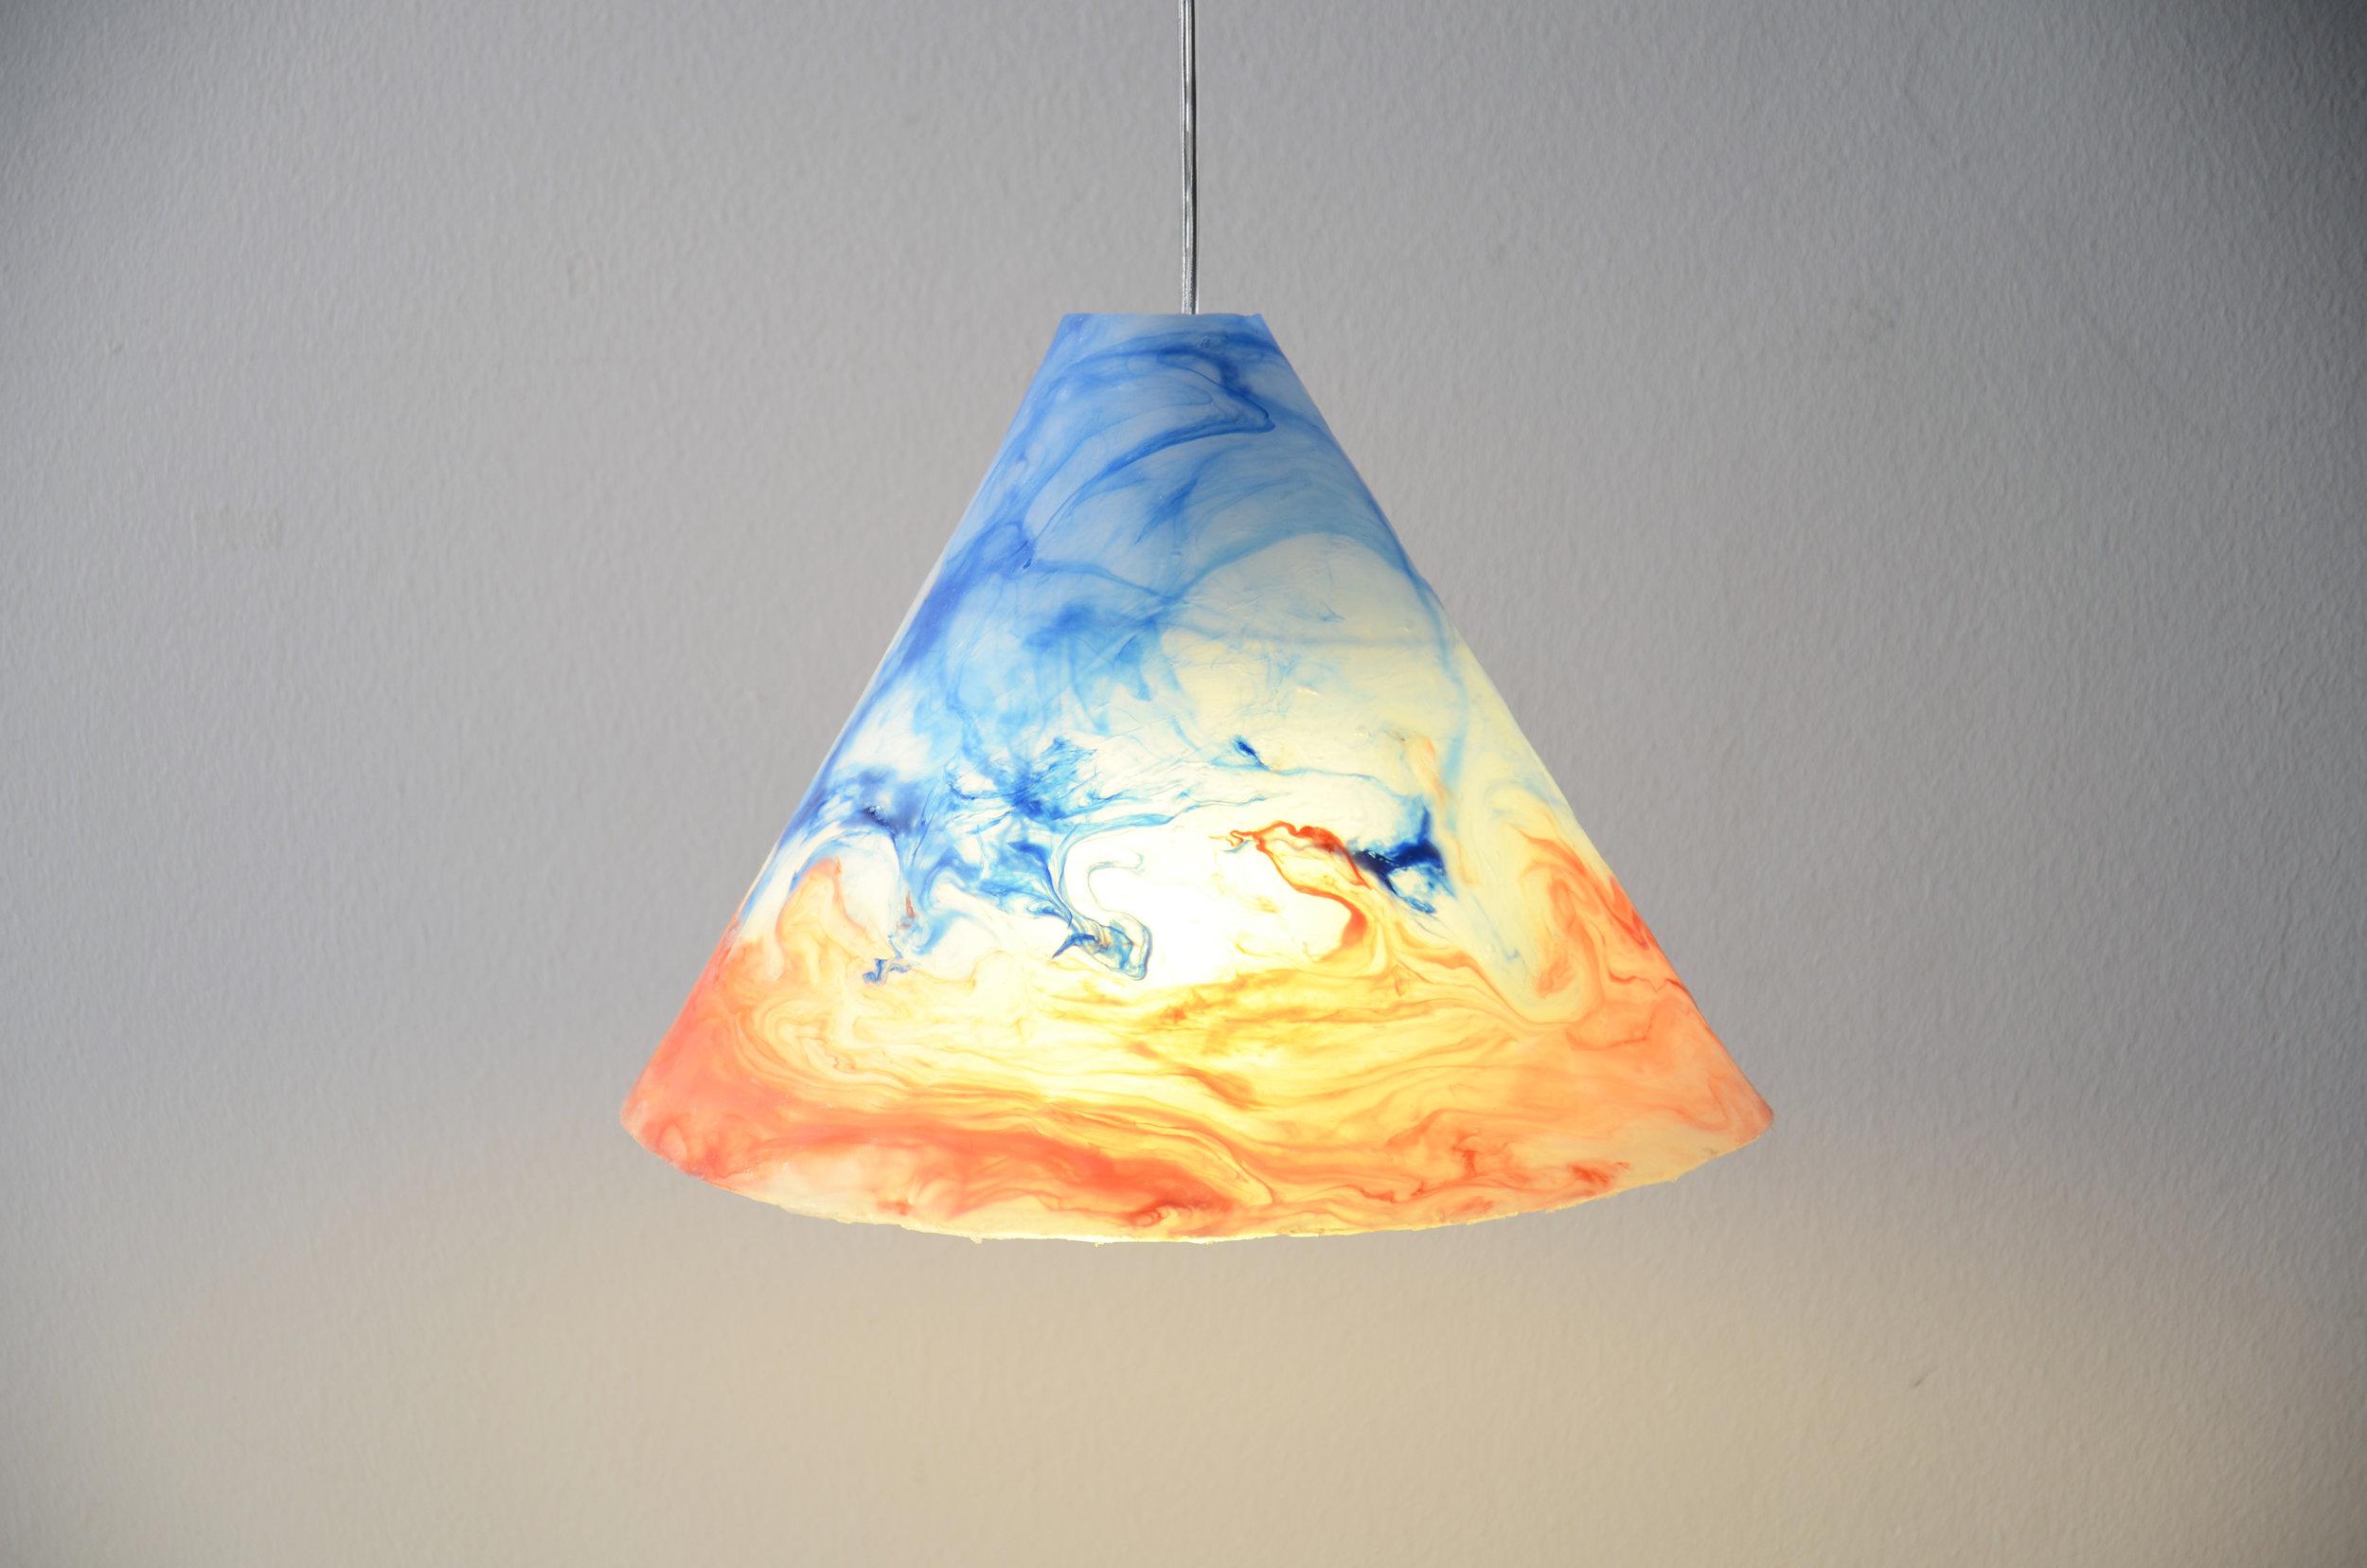 lampa 2 kopia.jpg